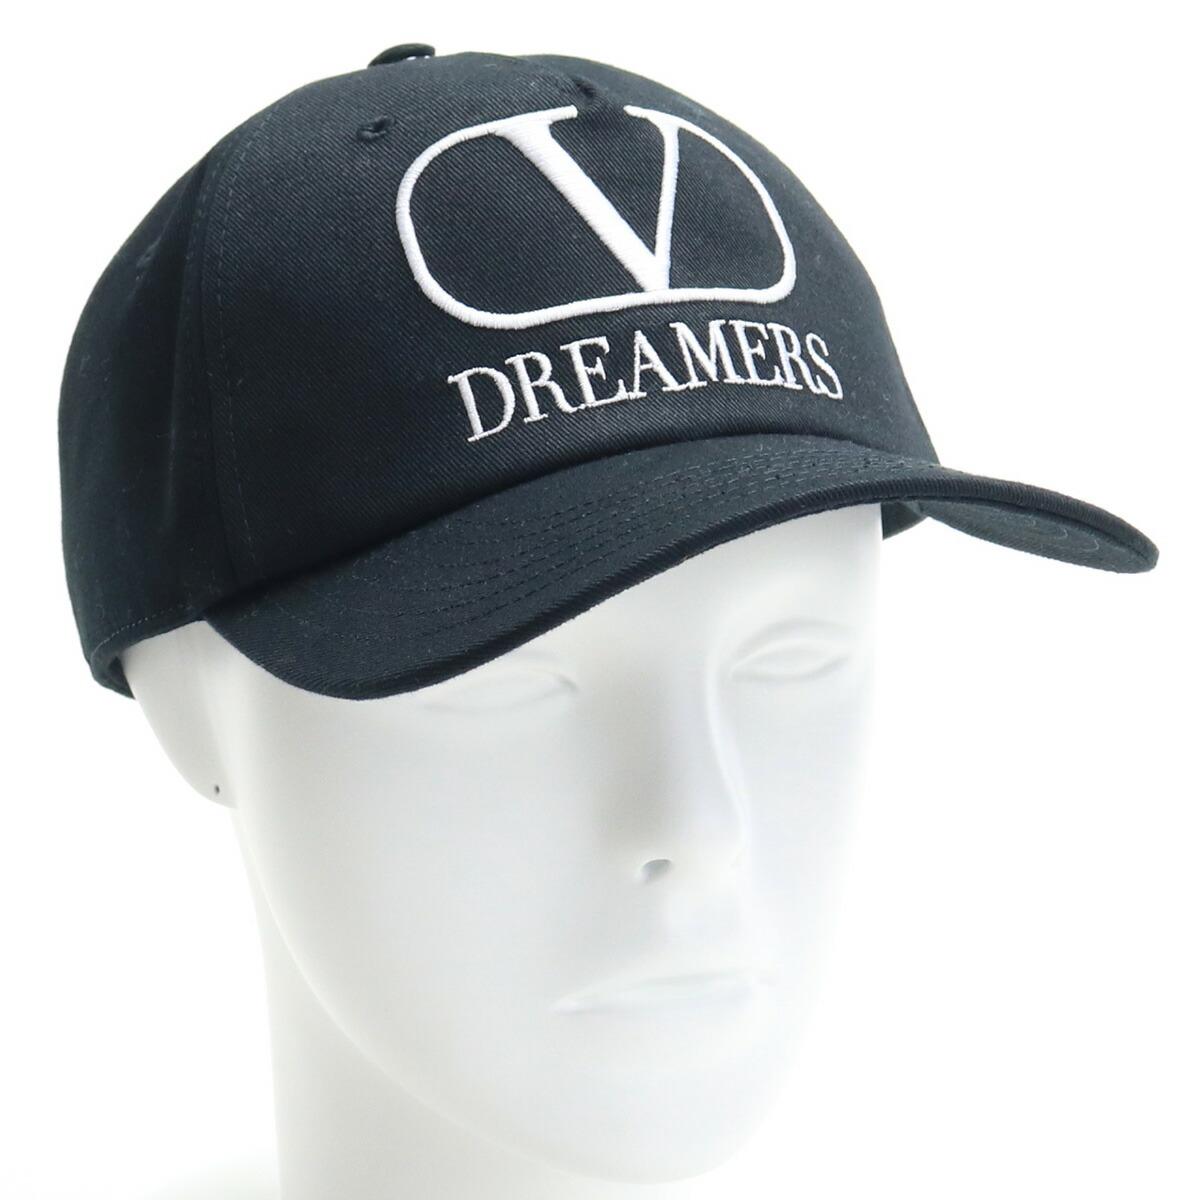 ヴァレンティノ VALENTINO  メンズ-キャップ 帽子類 TY0HDA10 KJC 0NI ブラック  bos-18 cap-01